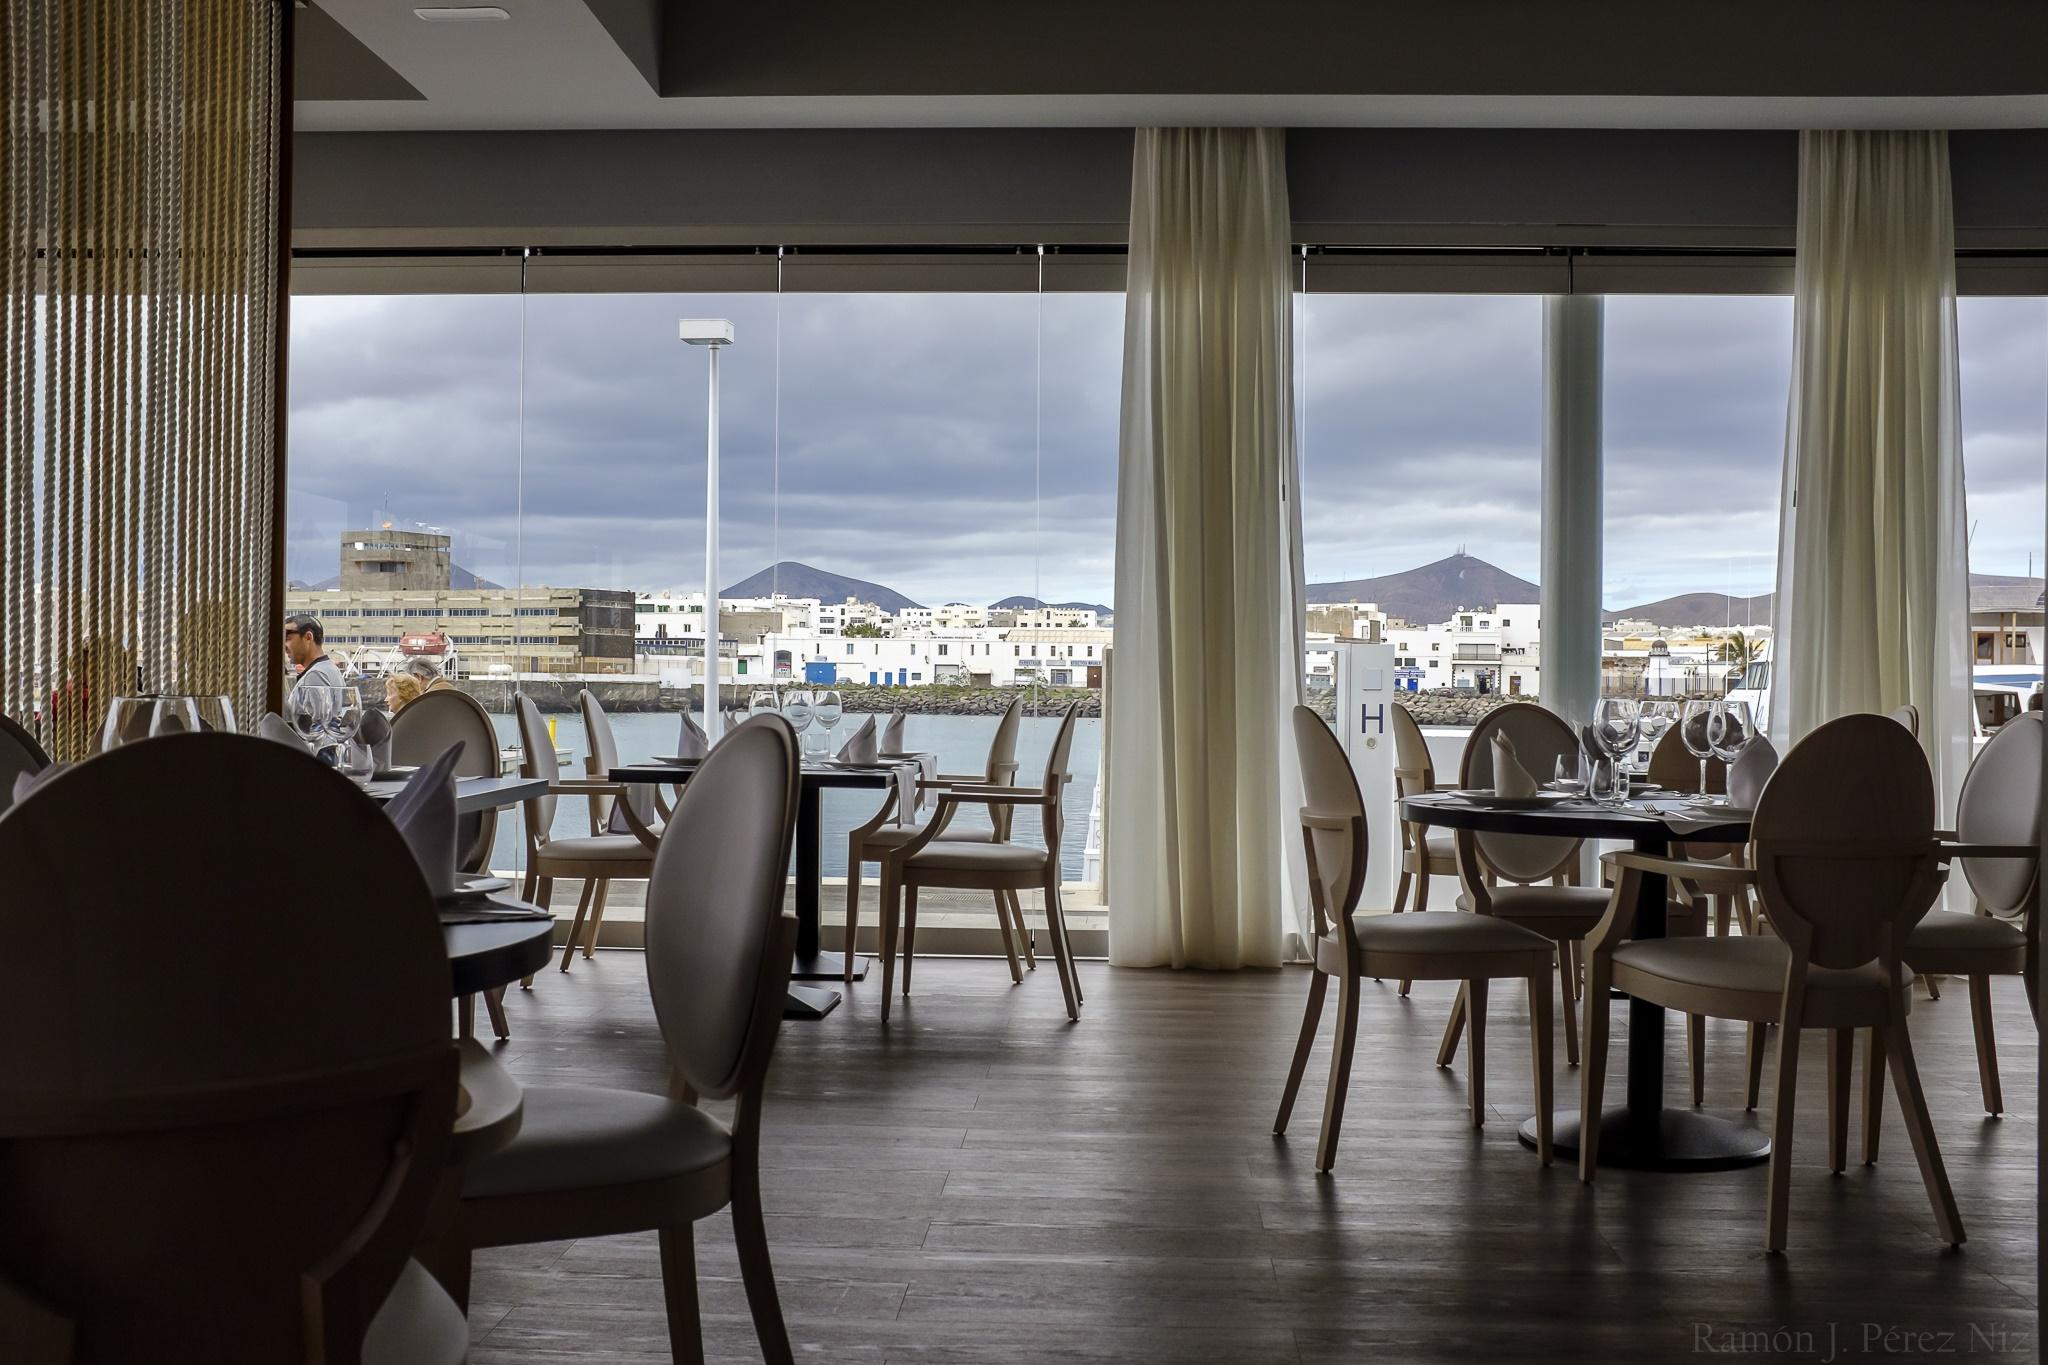 Restaurante Plaza 24, Marina Lanzarote, Arrecife